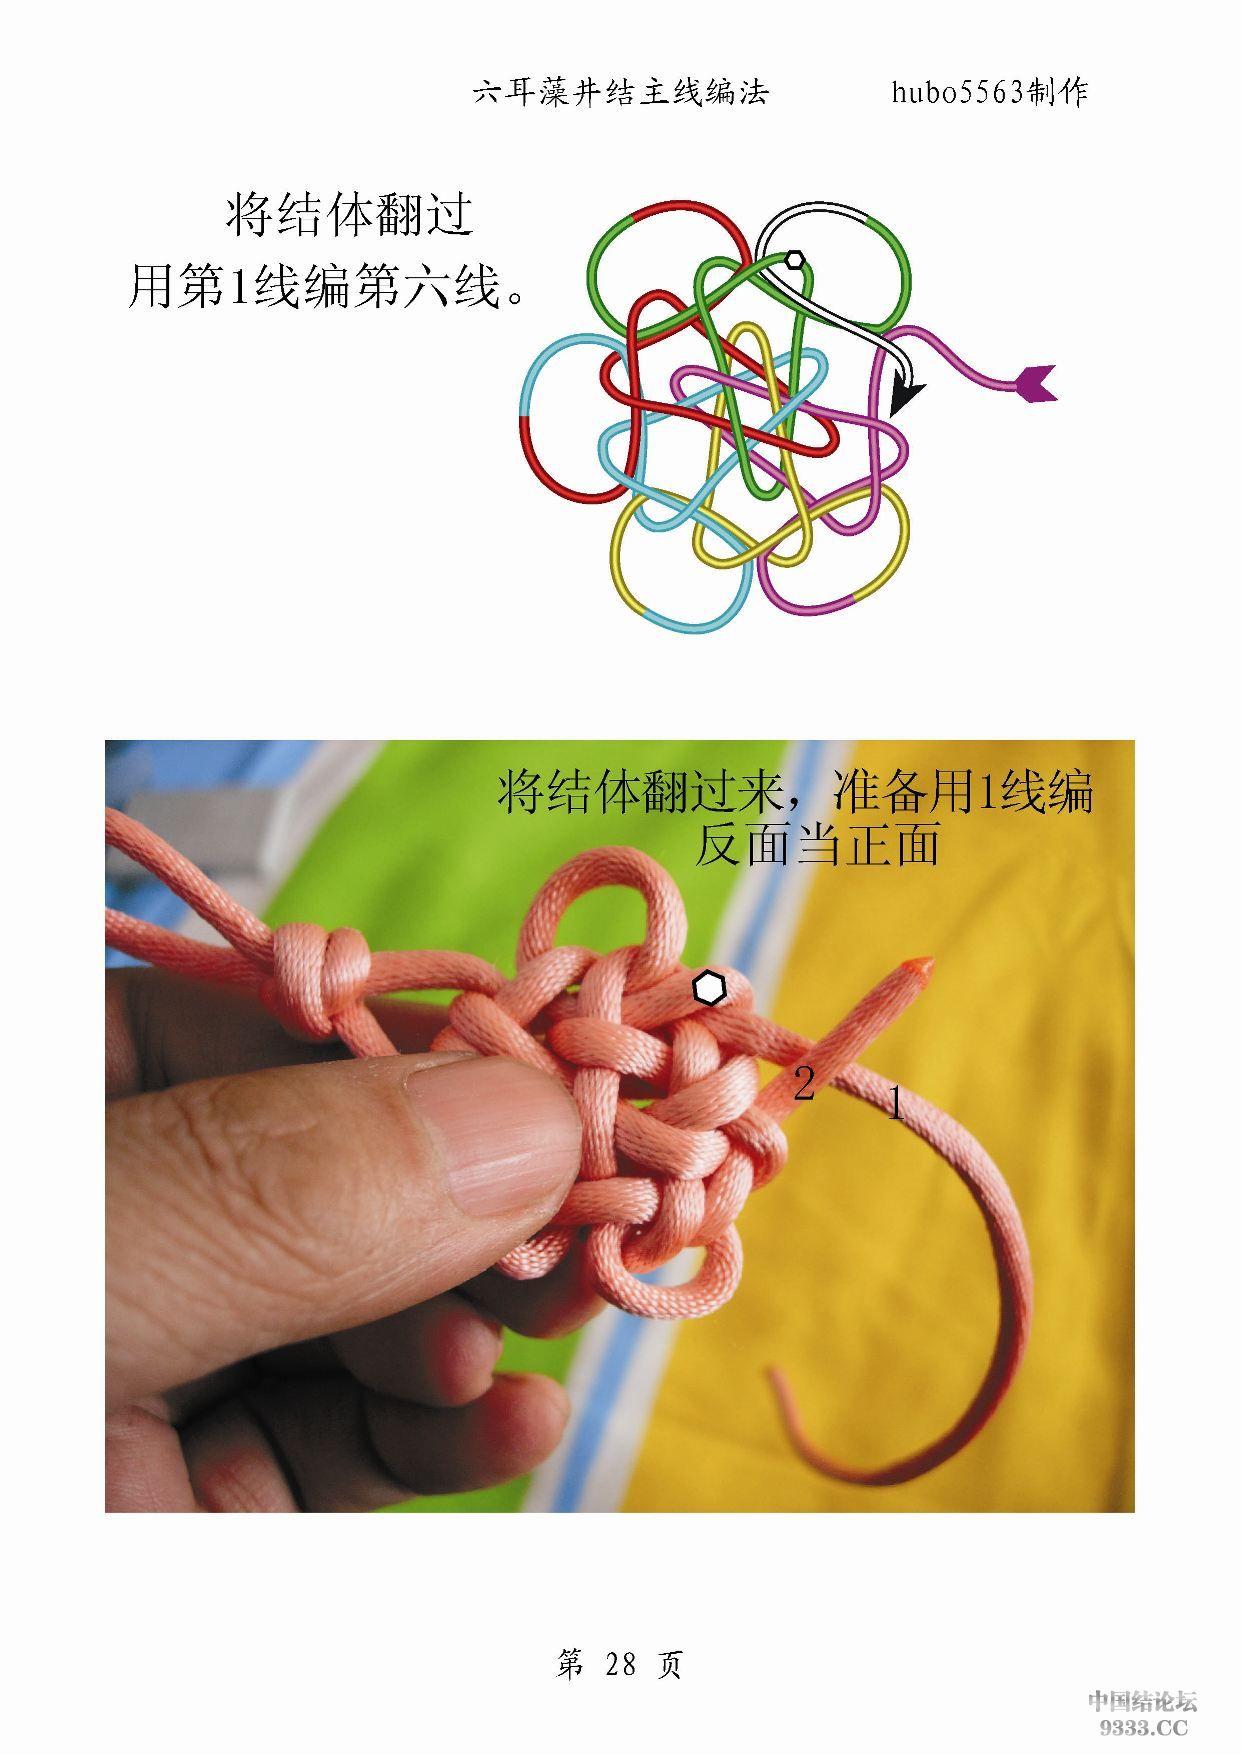 中国结论坛 原创新结---六耳藻井结主线编法徒手教程  基本结-新手入门必看 1002192215fe15cb2bd89d6406